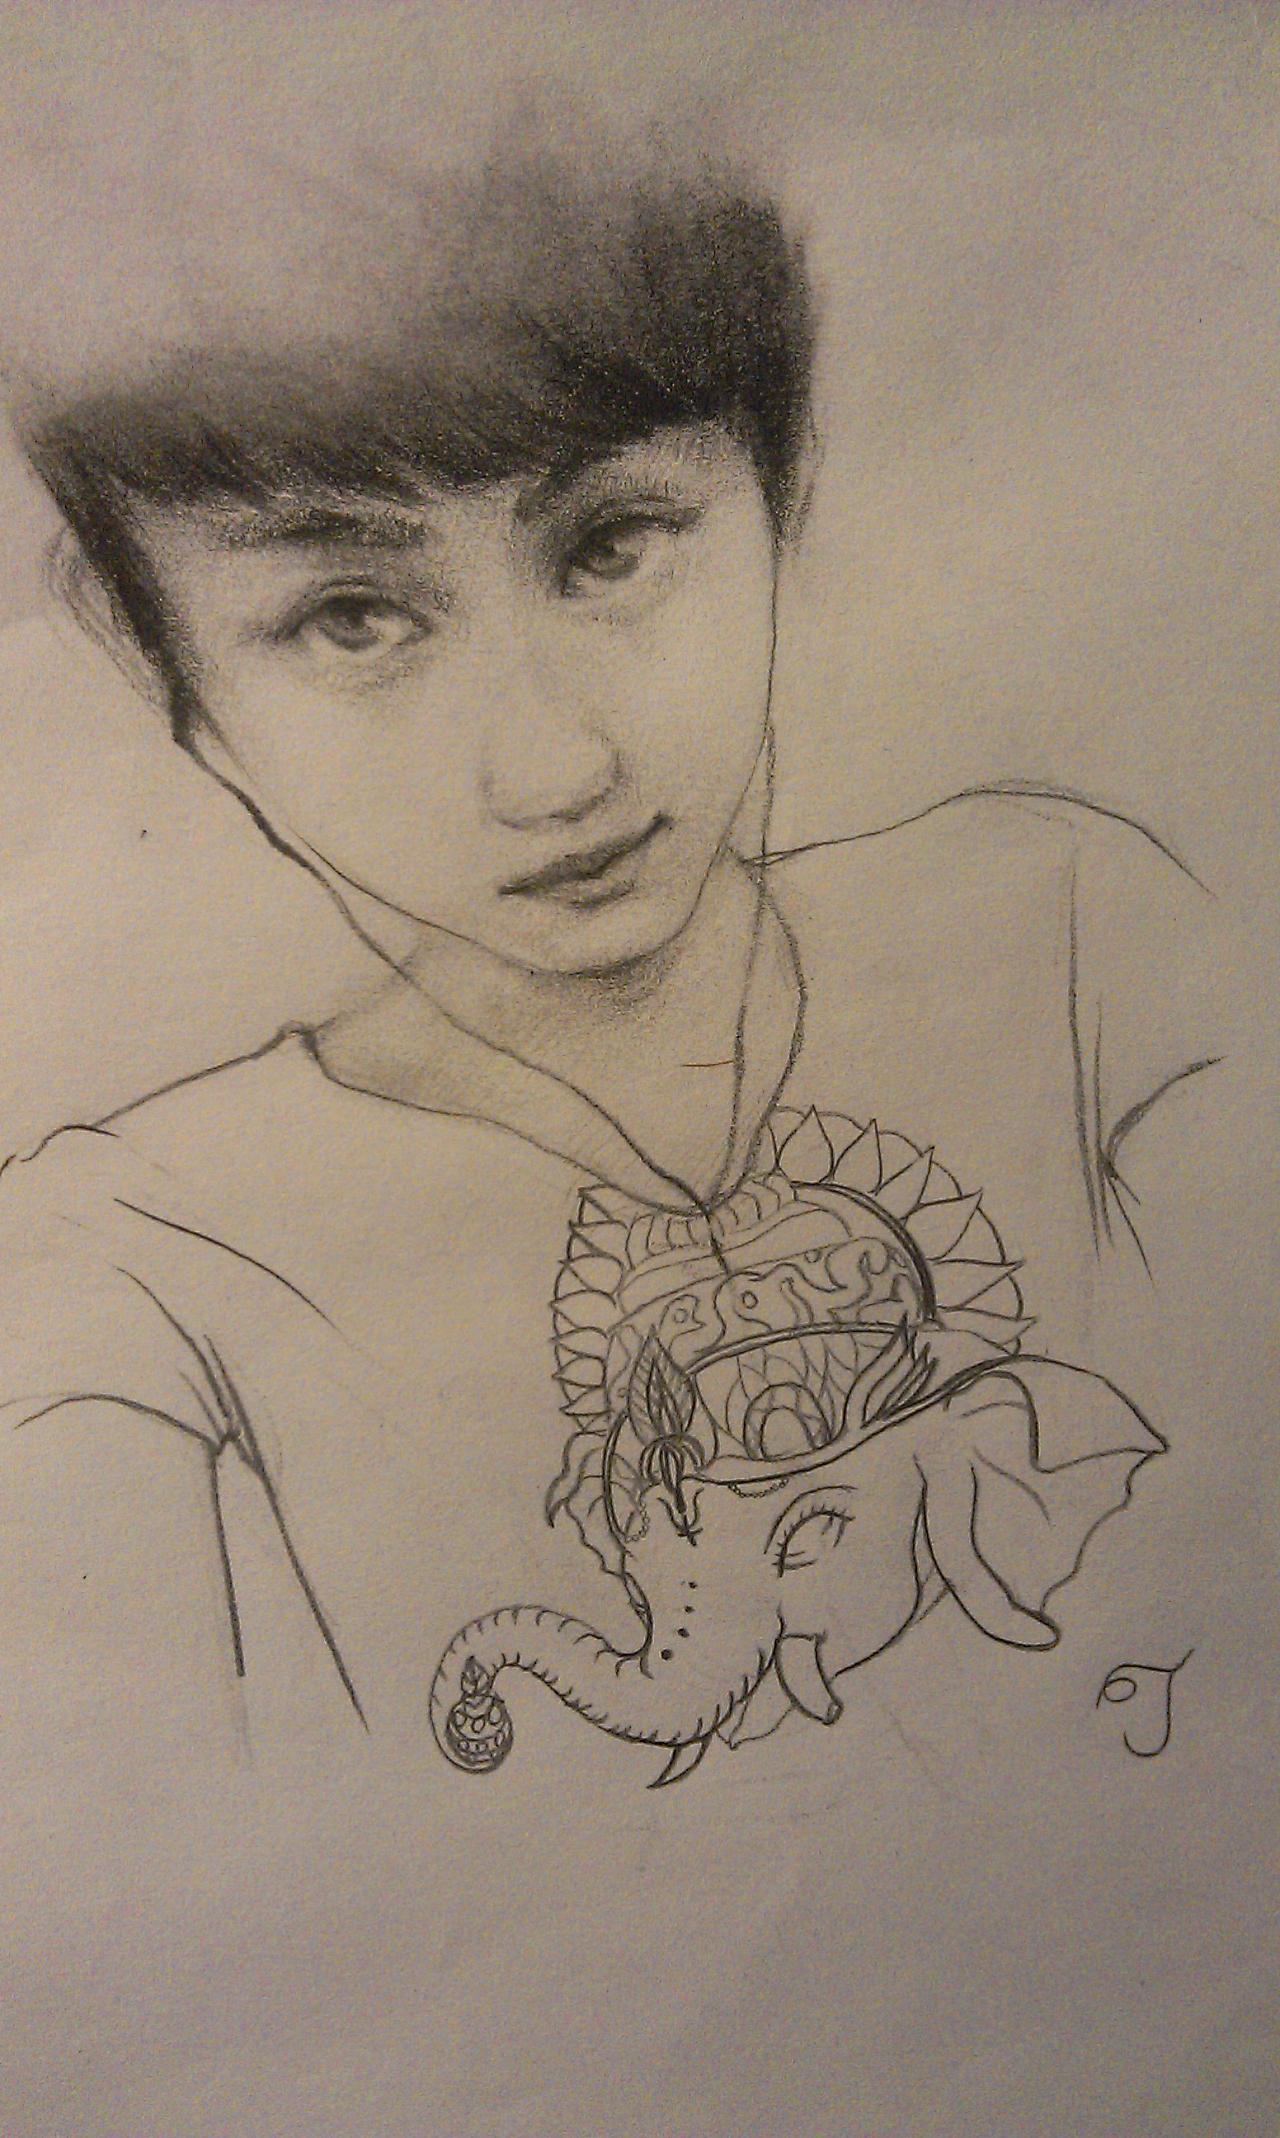 手绘-素描人物